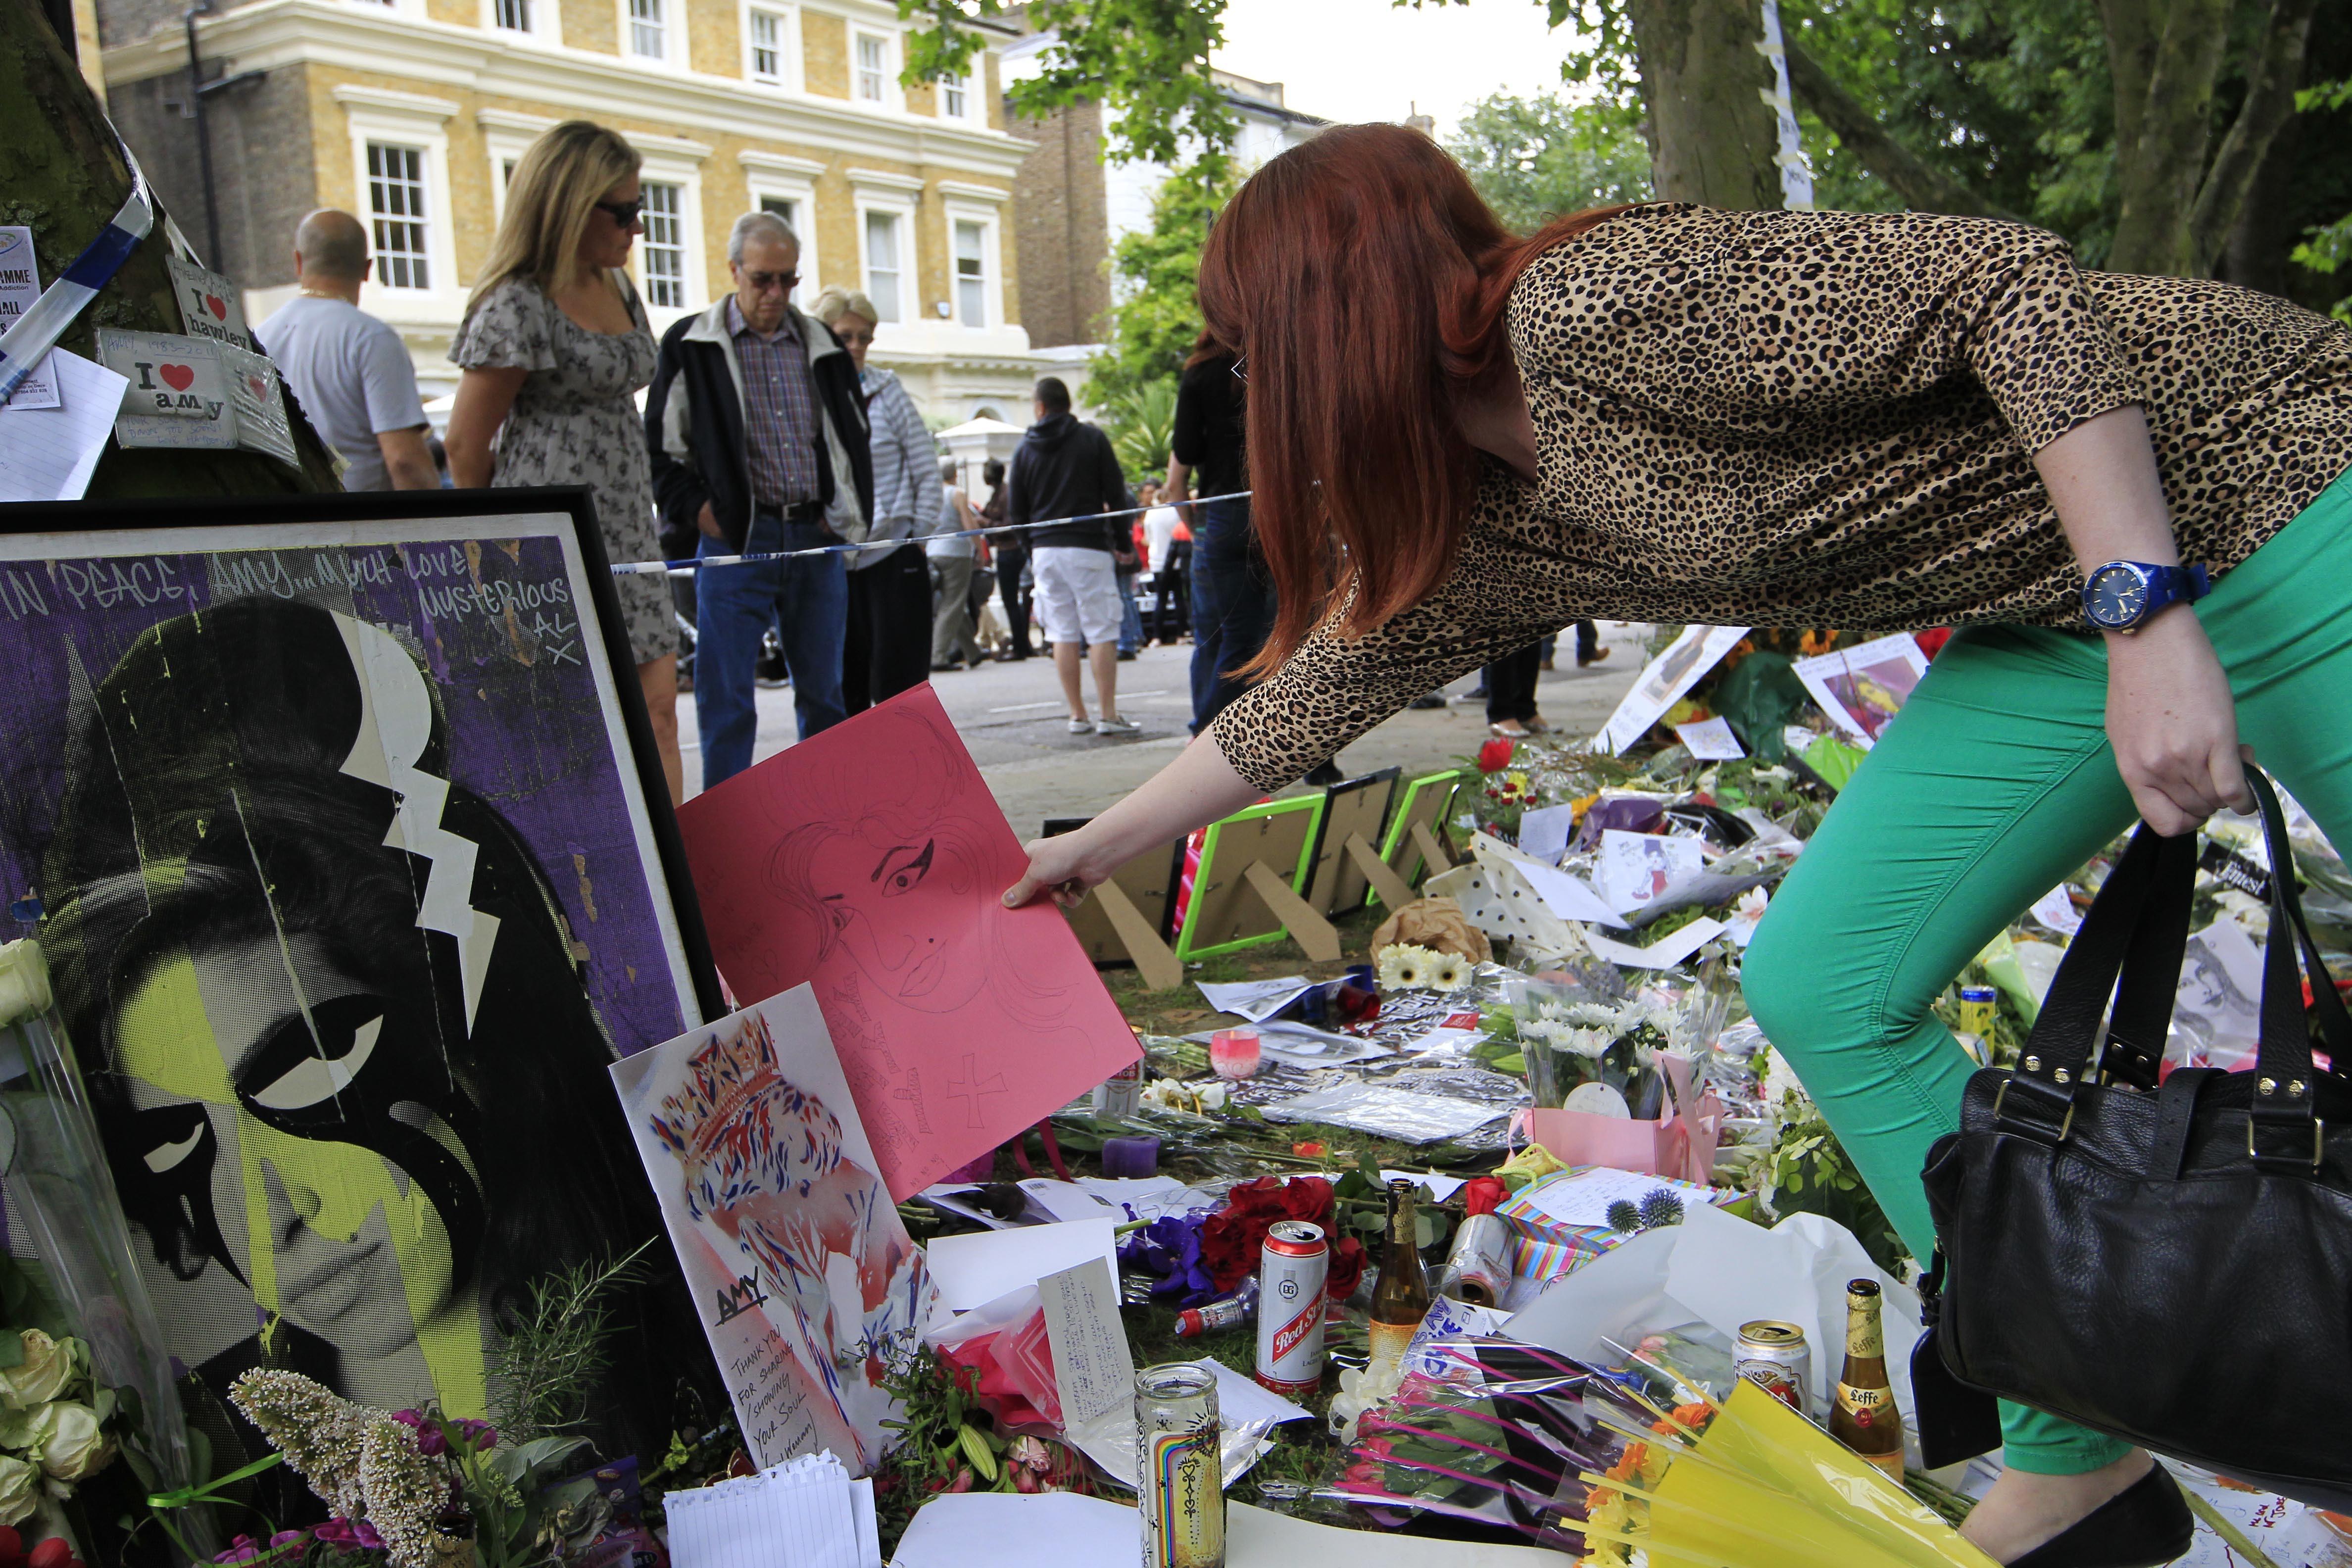 Uma fã coloca um desenho entre as flores e homenagens deixadas para a cantora britânica Amy Winehouse, fora de sua casa em Londres